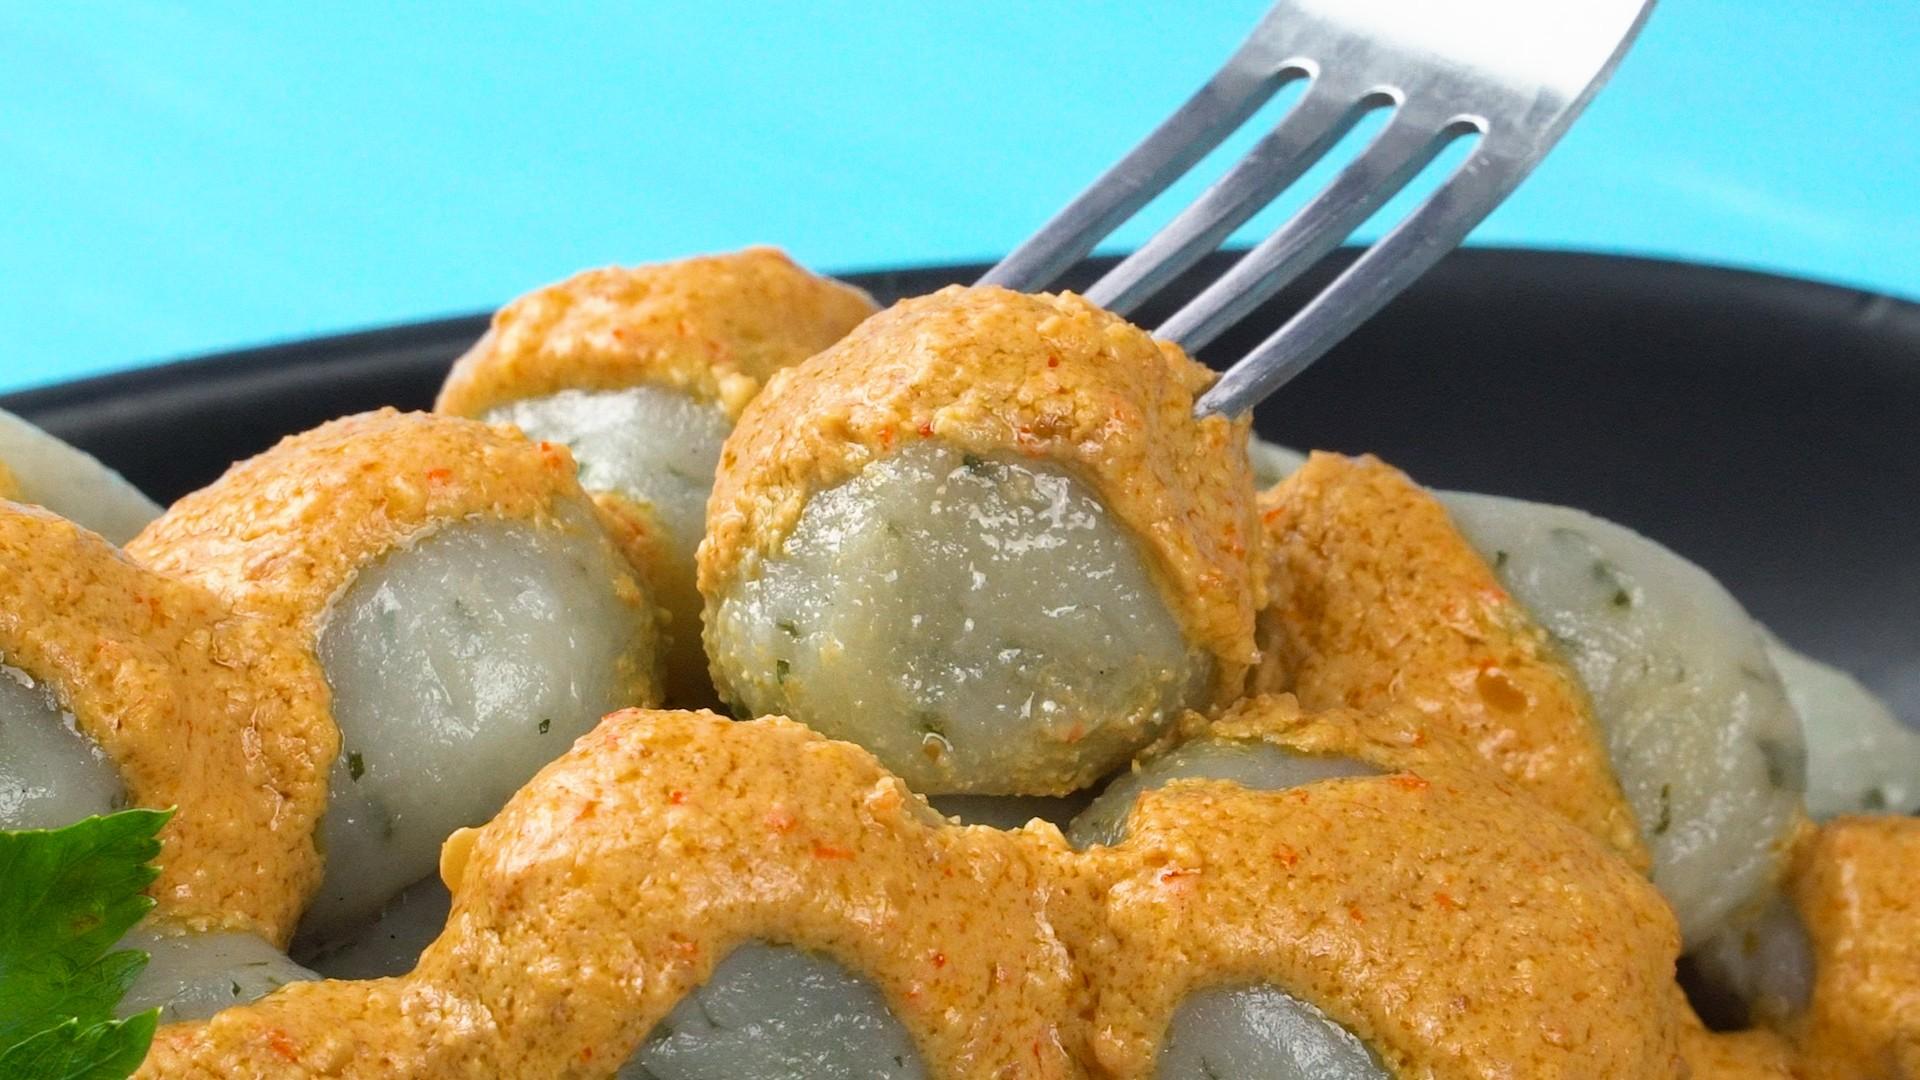 Resep Cilok Bumbu Kacang Jajanan Favorit Sepanjang Masa